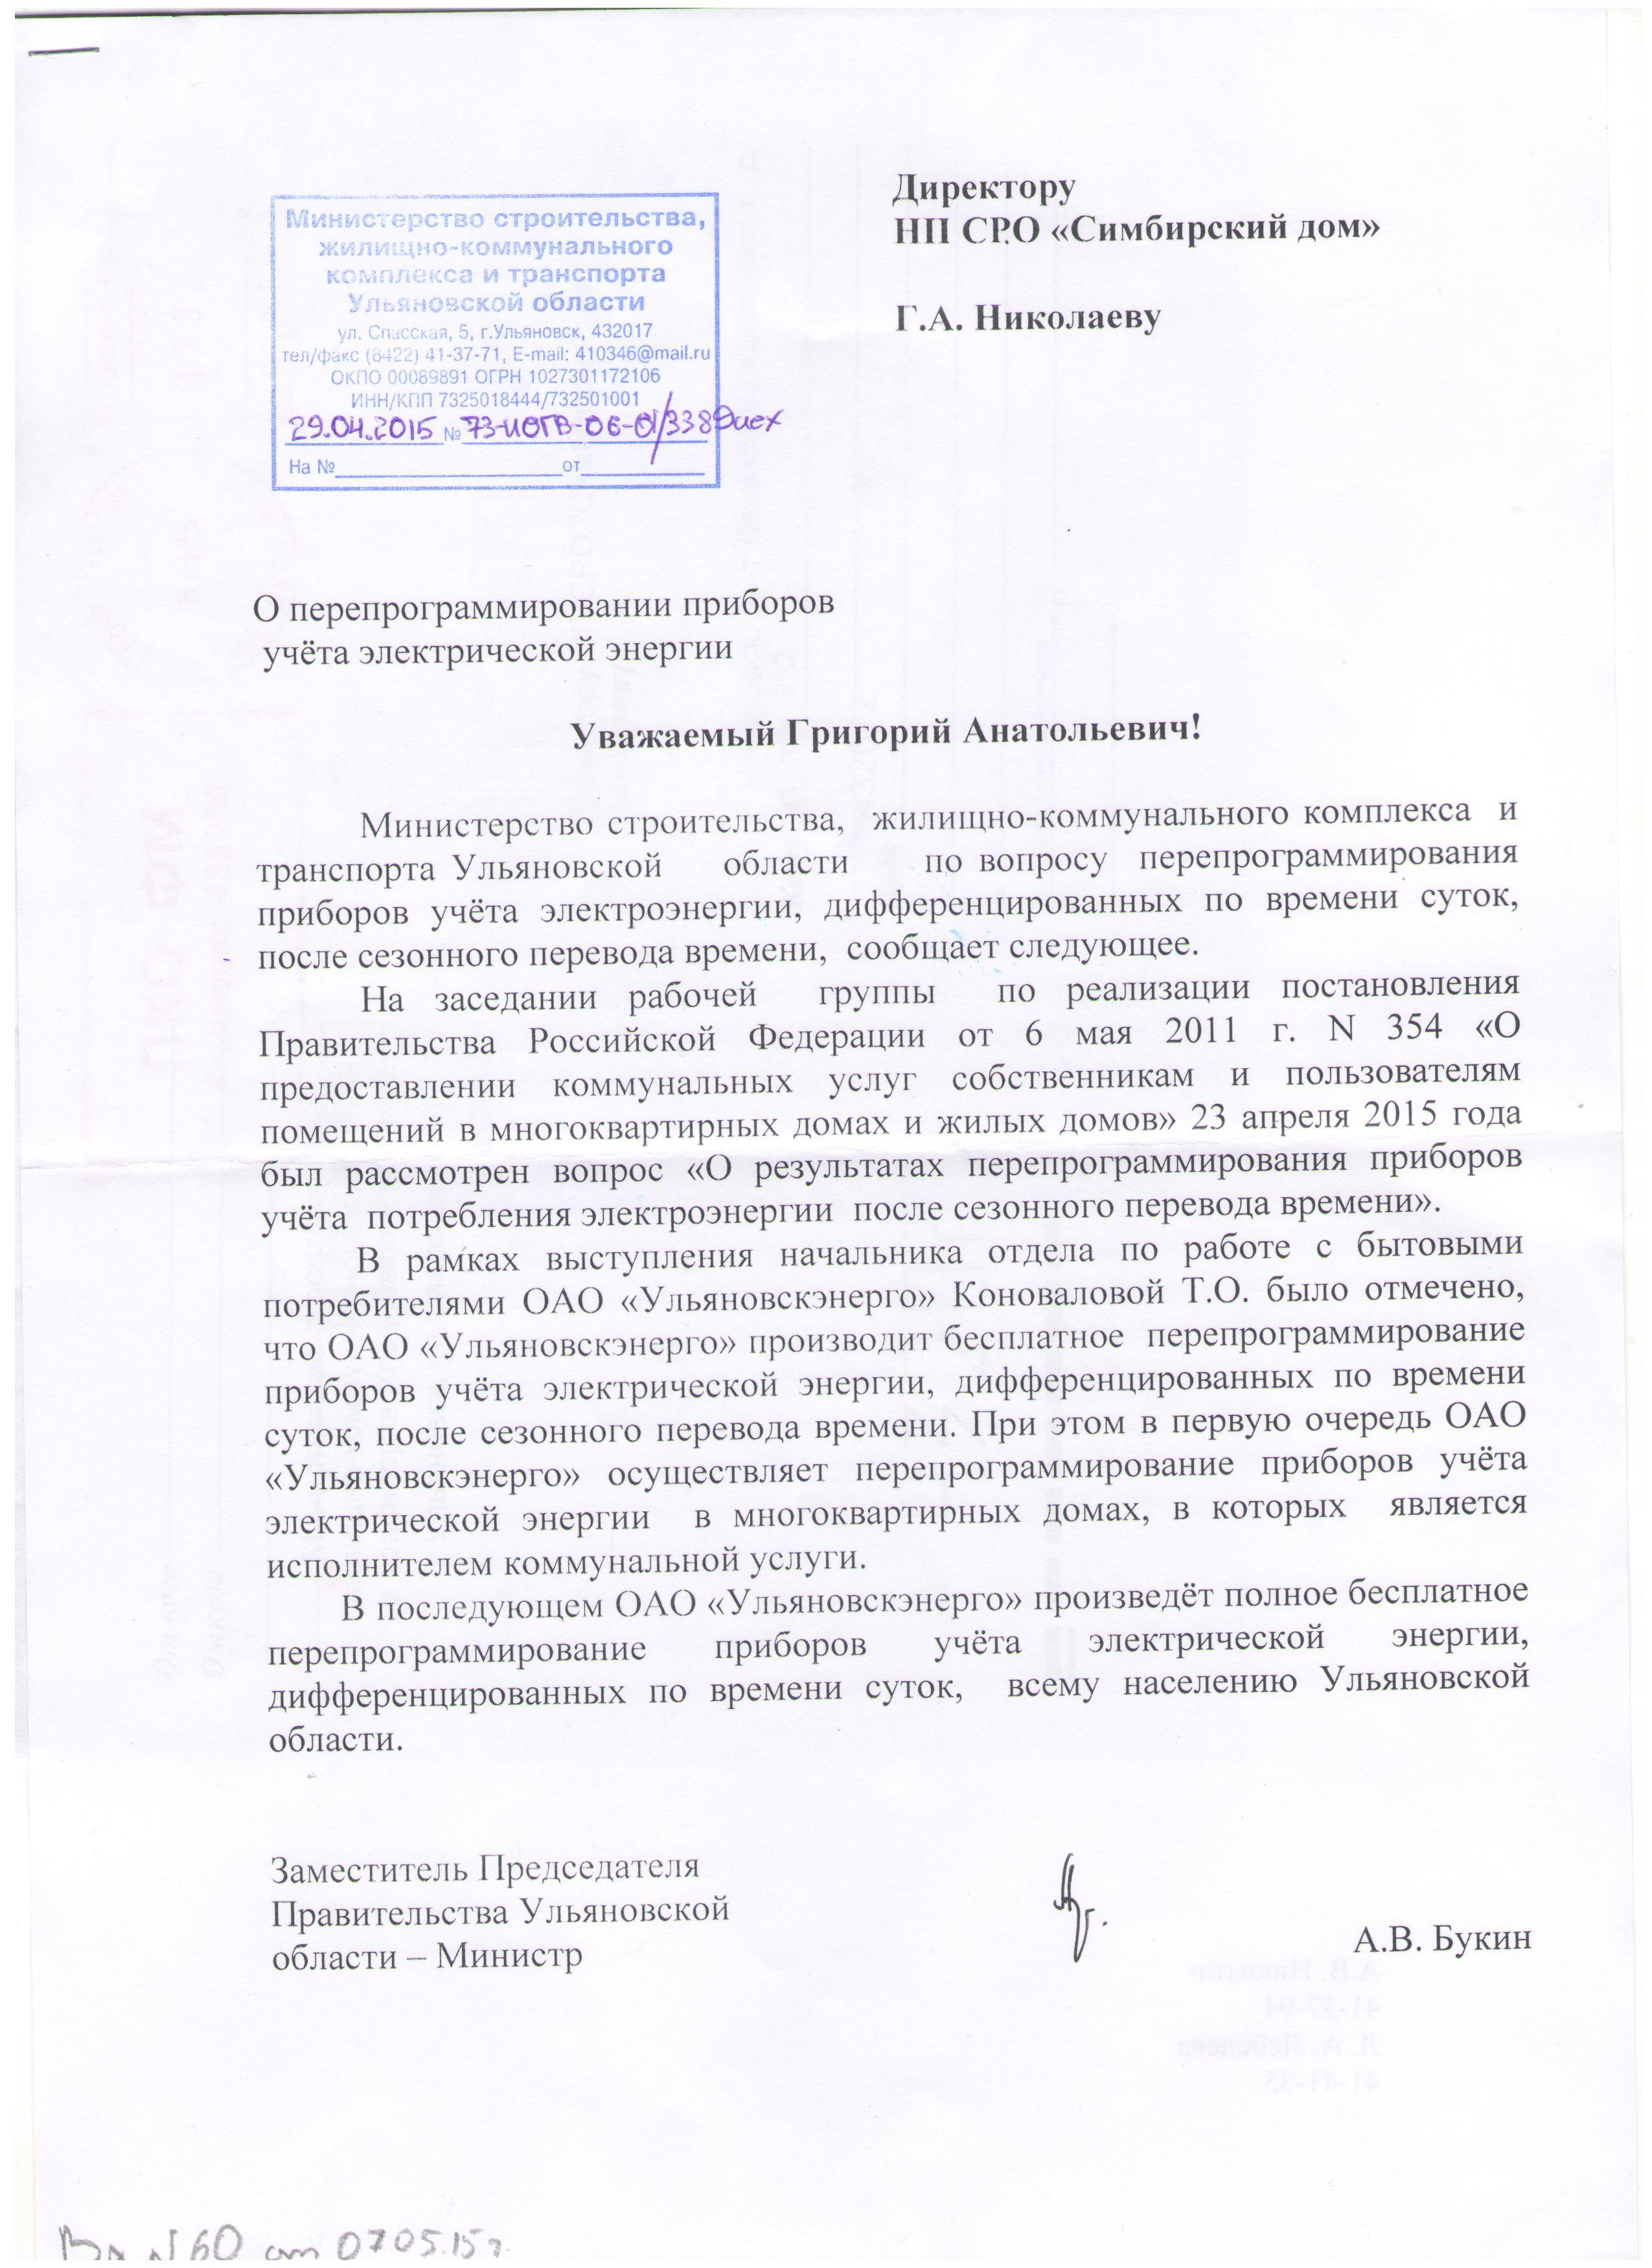 Вх.№60 от 07.05.2015 г. Письмо от Минстроя У.о. о перепрограммировании счетчиков